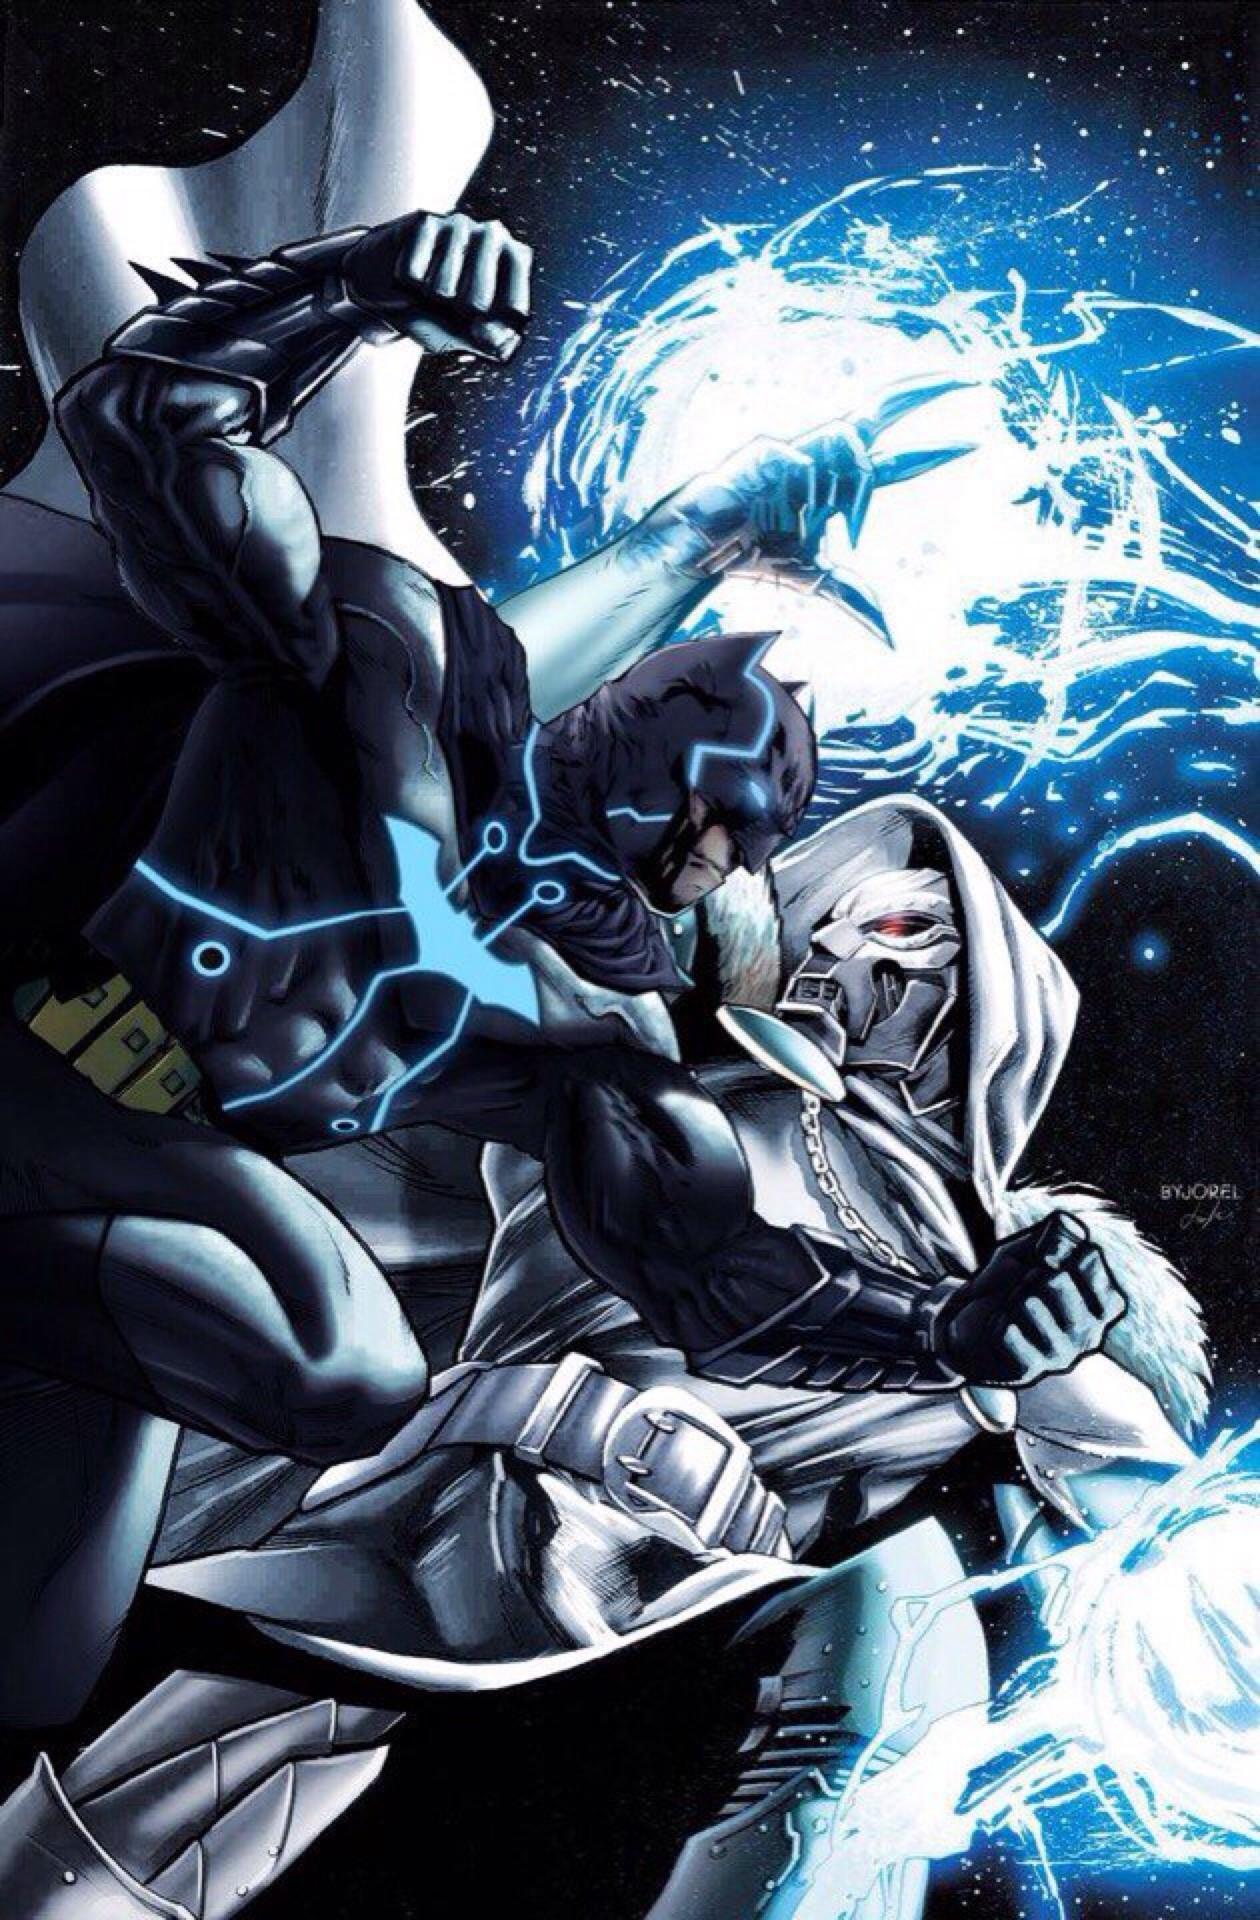 Cartoons And Heroes — longlivethebat-universe: Batgod vs Emperor Doom.